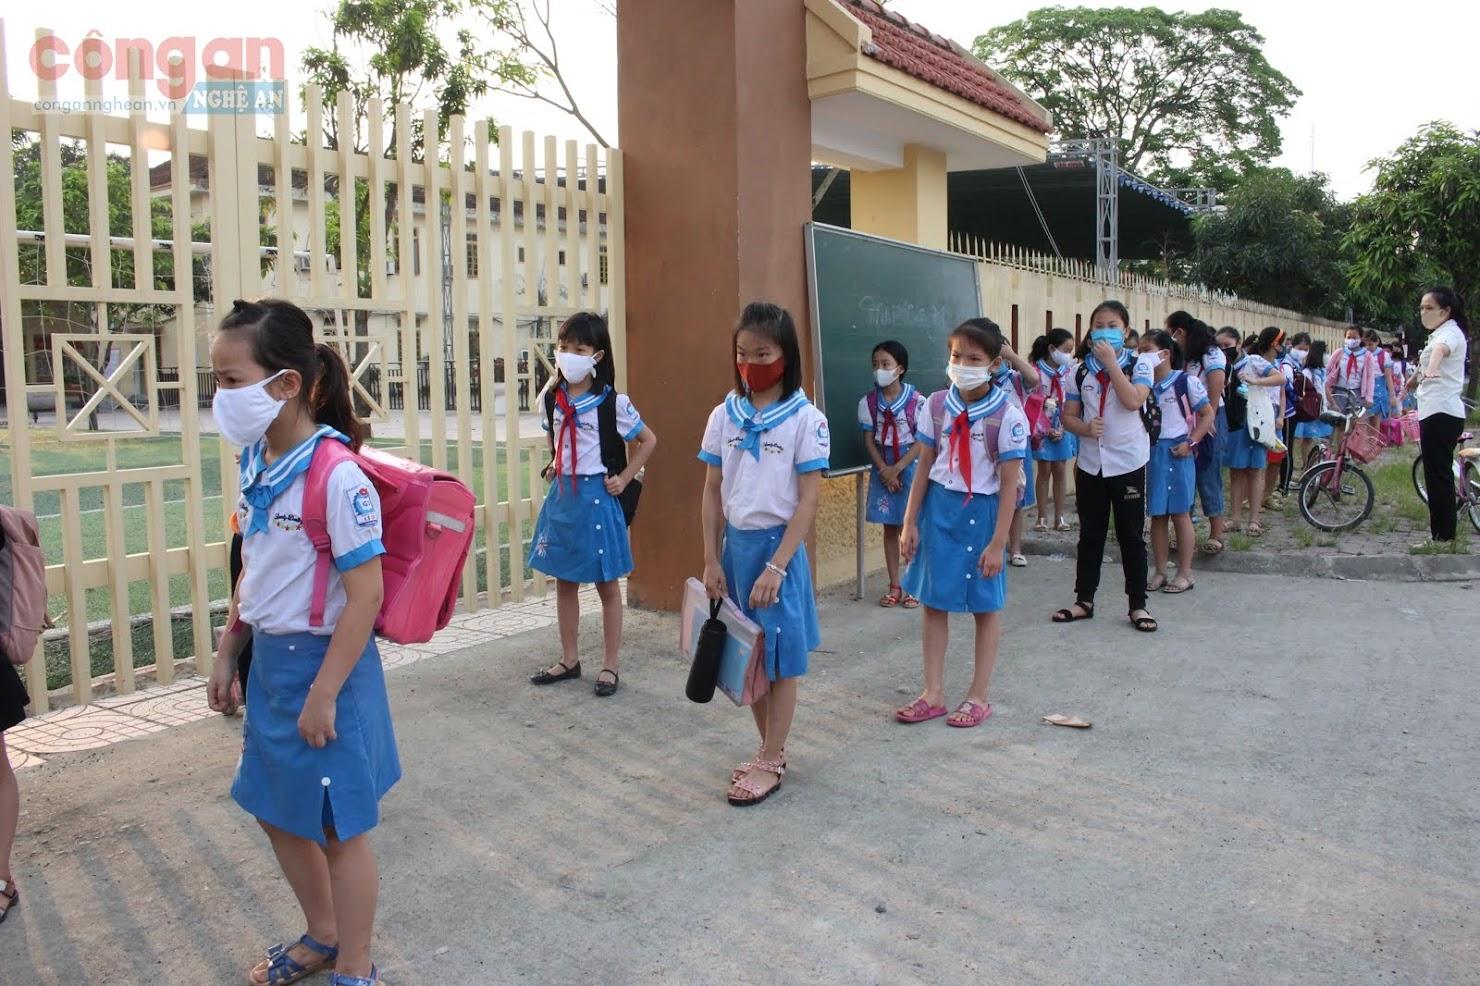 Việc tổ chức giãn cách từ ngoài cổng trước khi vào lớp được trường Tiểu học Lê Lợi, TP Vinh triển khai đầu giờ